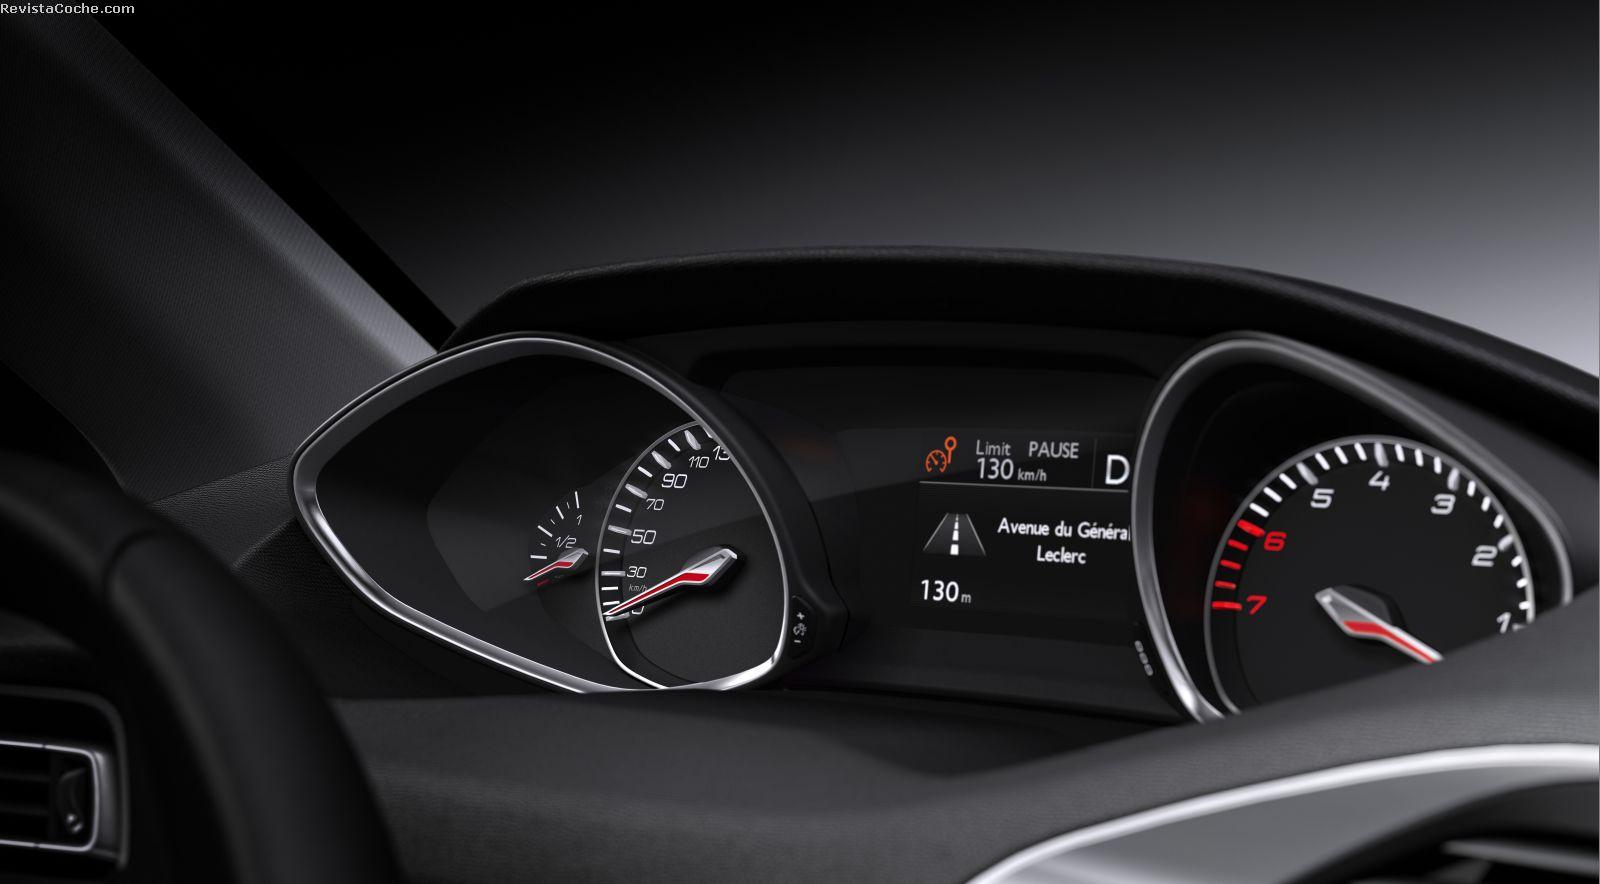 ¿Peugeot 308 o Seat Leon? - ForoCoches